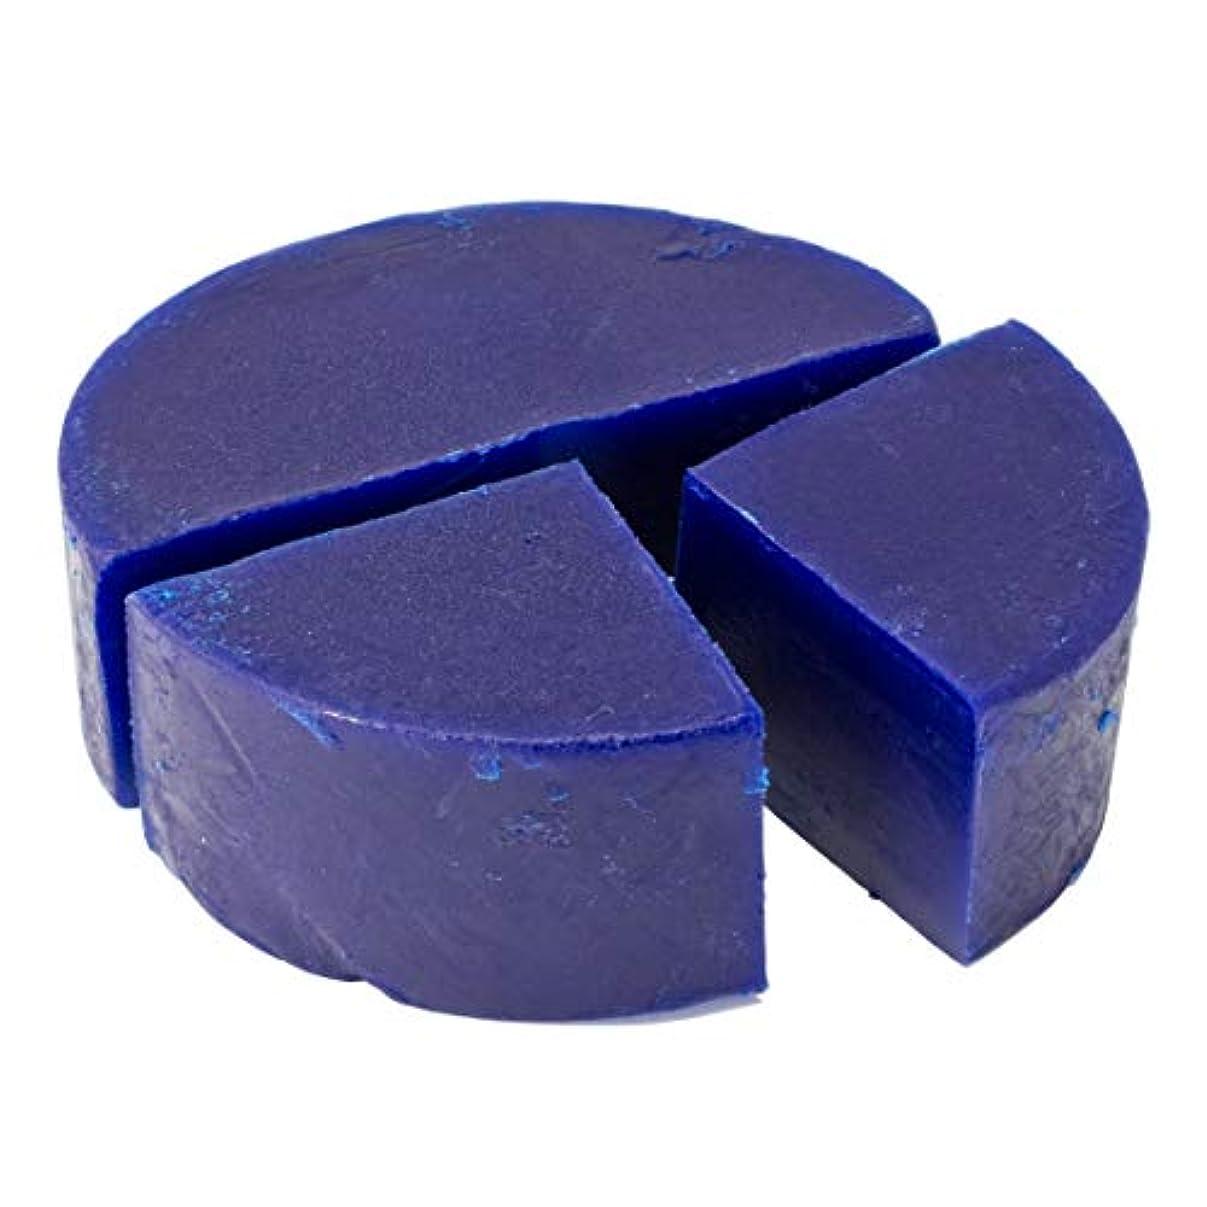 切り下げランタン請求グリセリン クリアソープ 色チップ 青 100g (MPソープ)